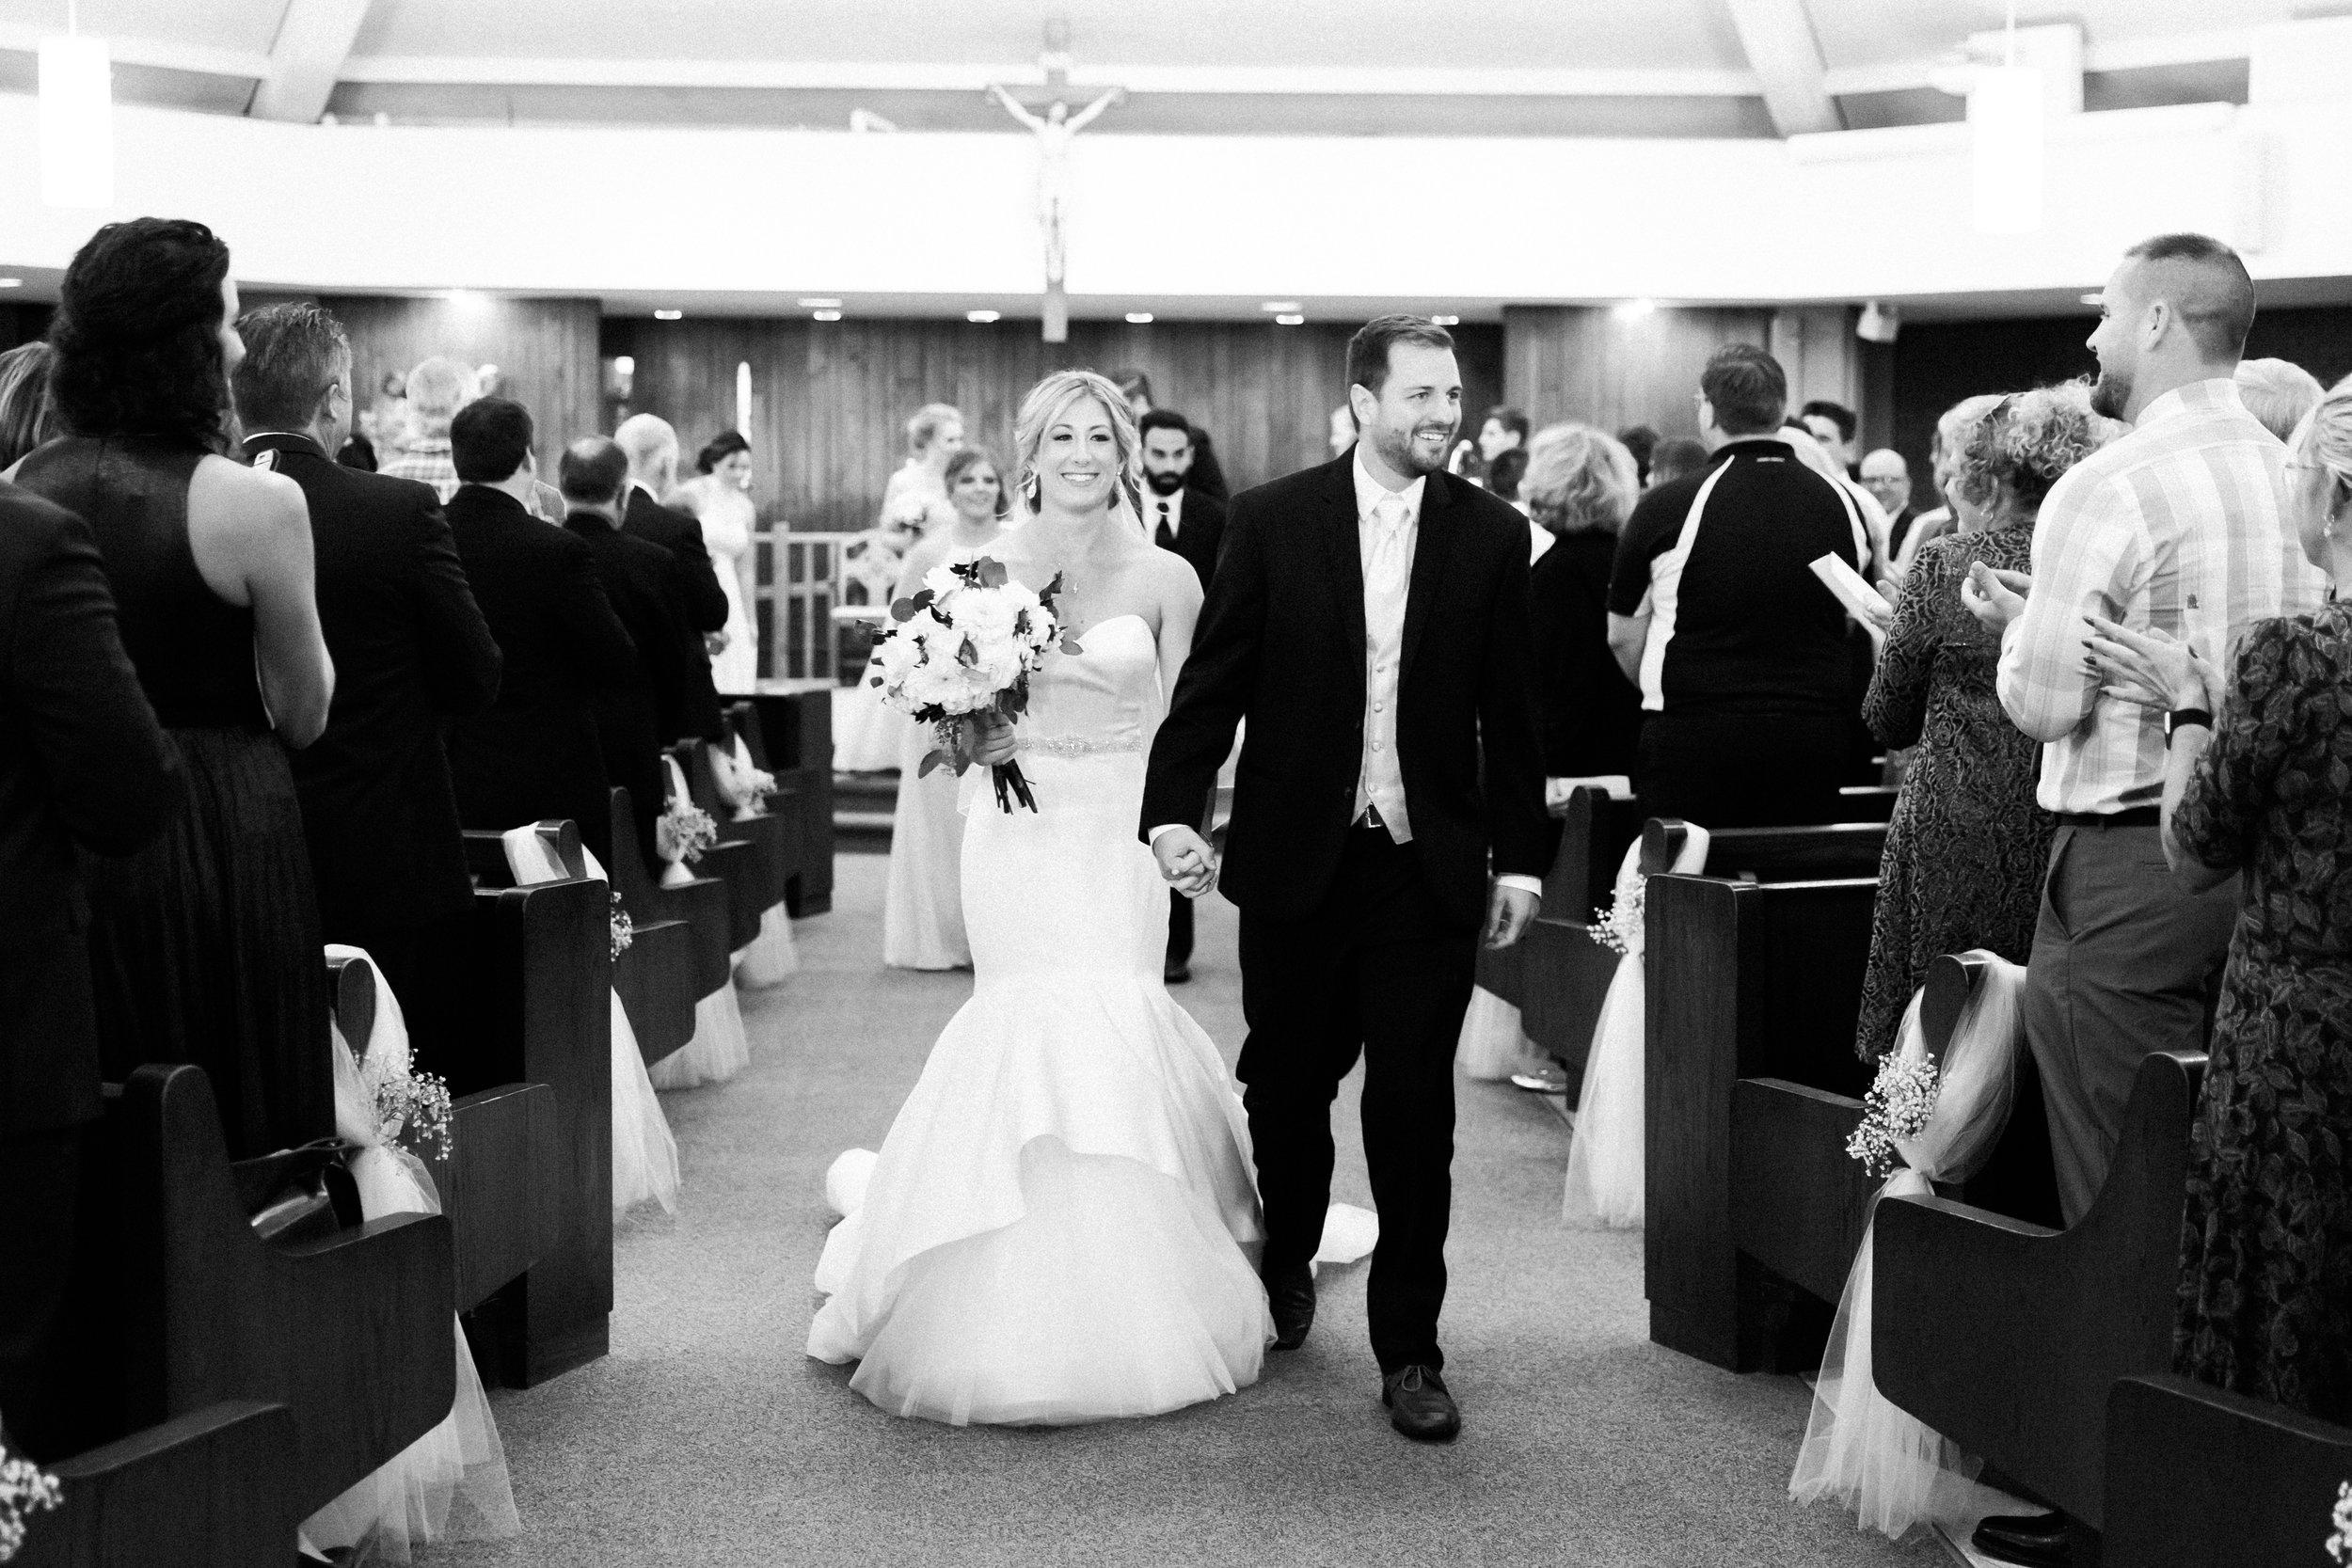 heartfeltcentraliowawedding-35.jpg